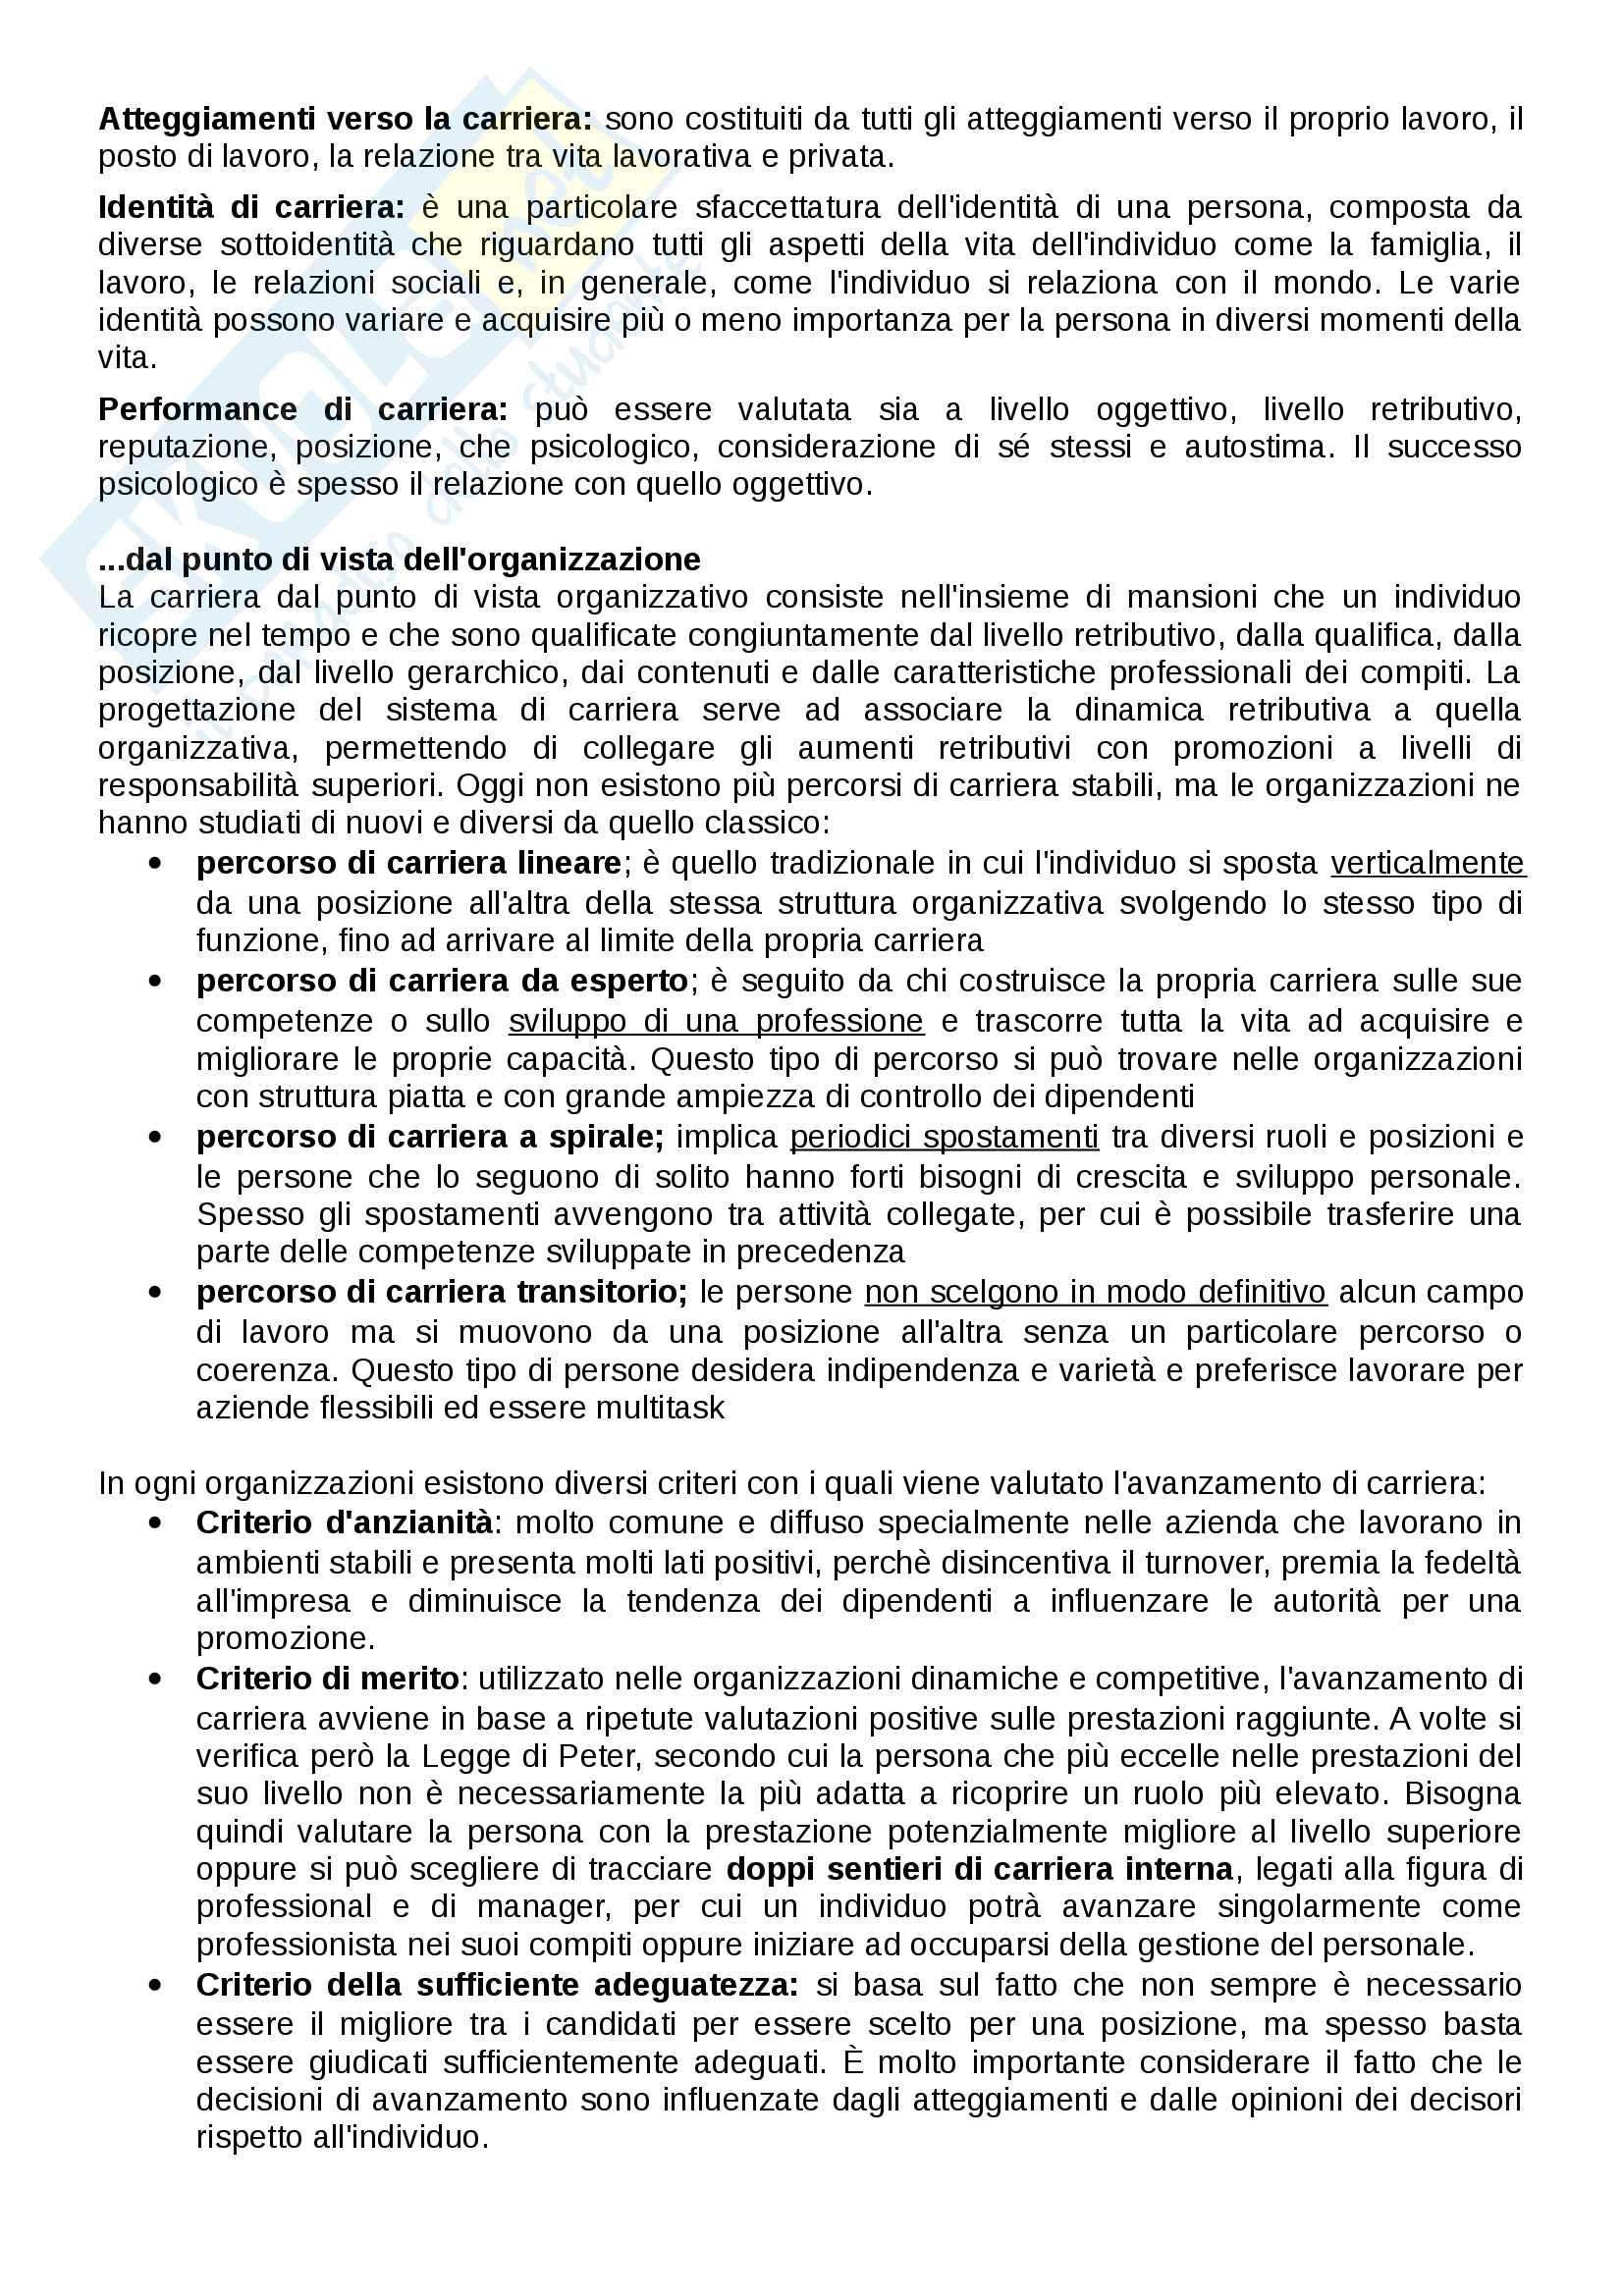 """Riassunto esame organizzazione aziendale, prof. Morandin, libro consigliato """"Comportamento organizzativo"""" di Tosi e Pilati (capitoli 2° parziale) Pag. 31"""